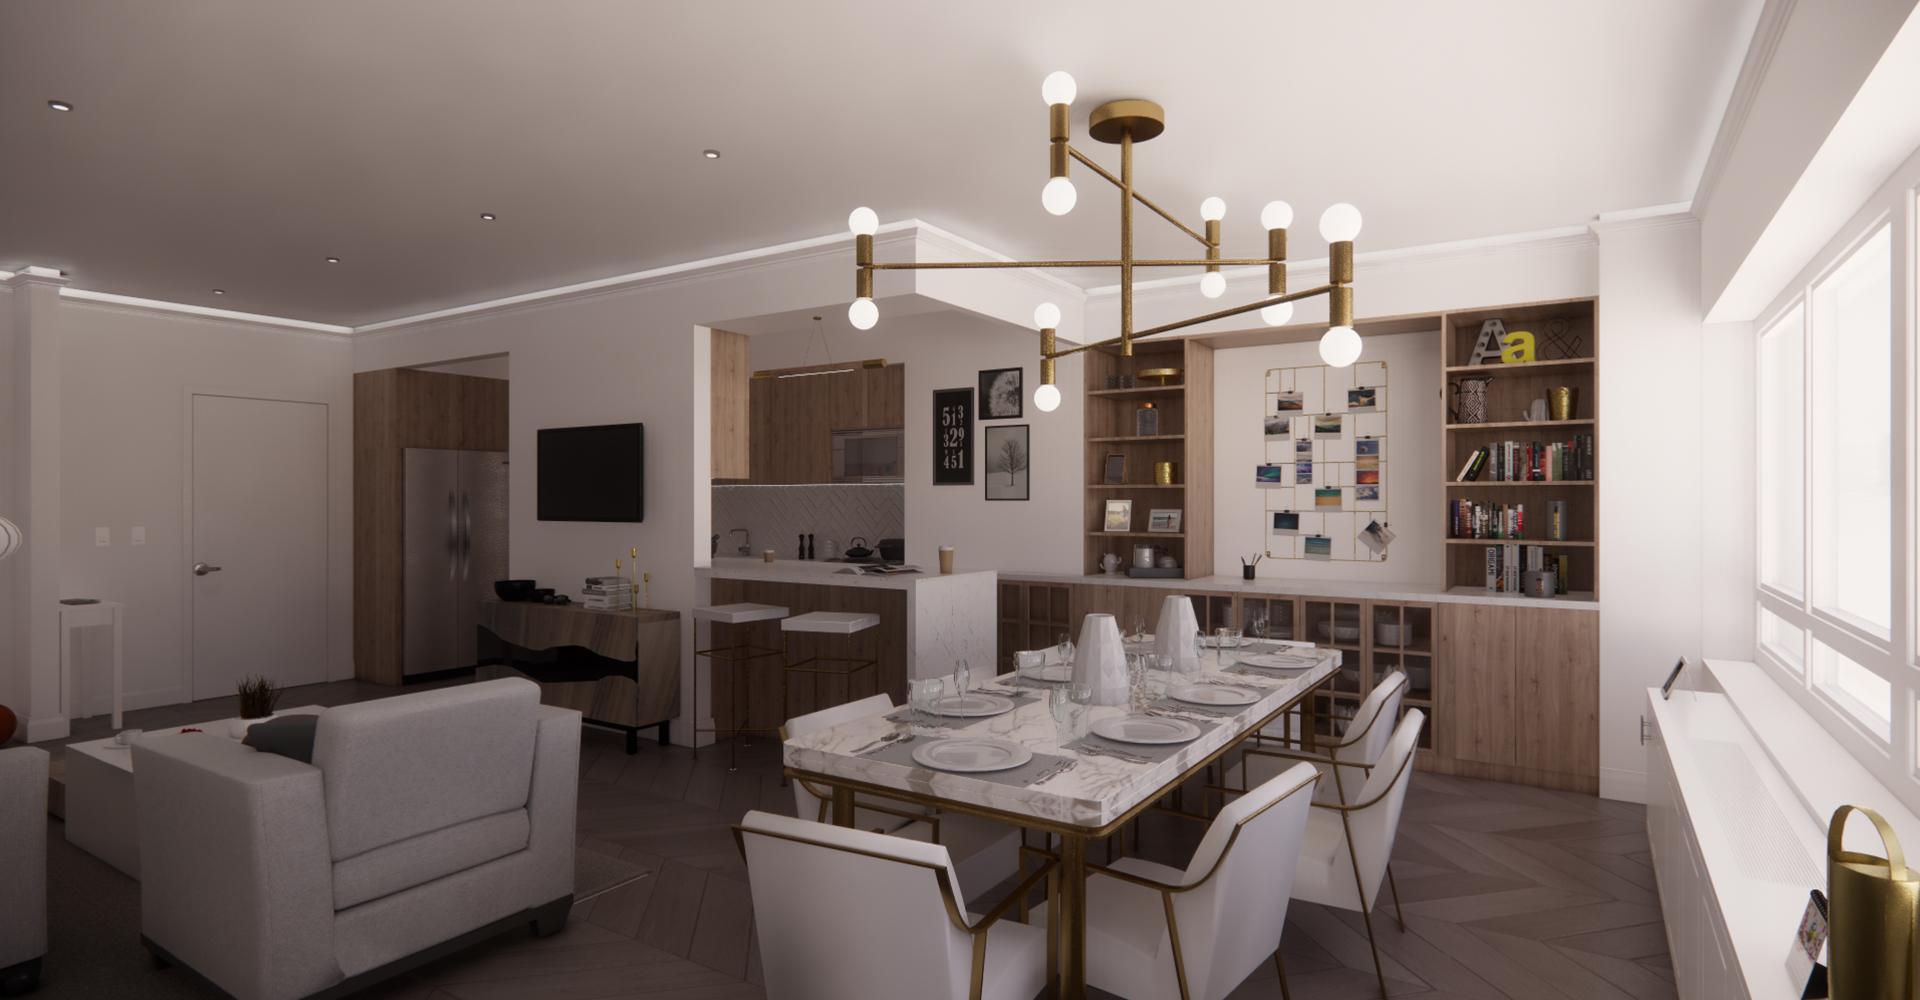 170 West End Apartment Renovation